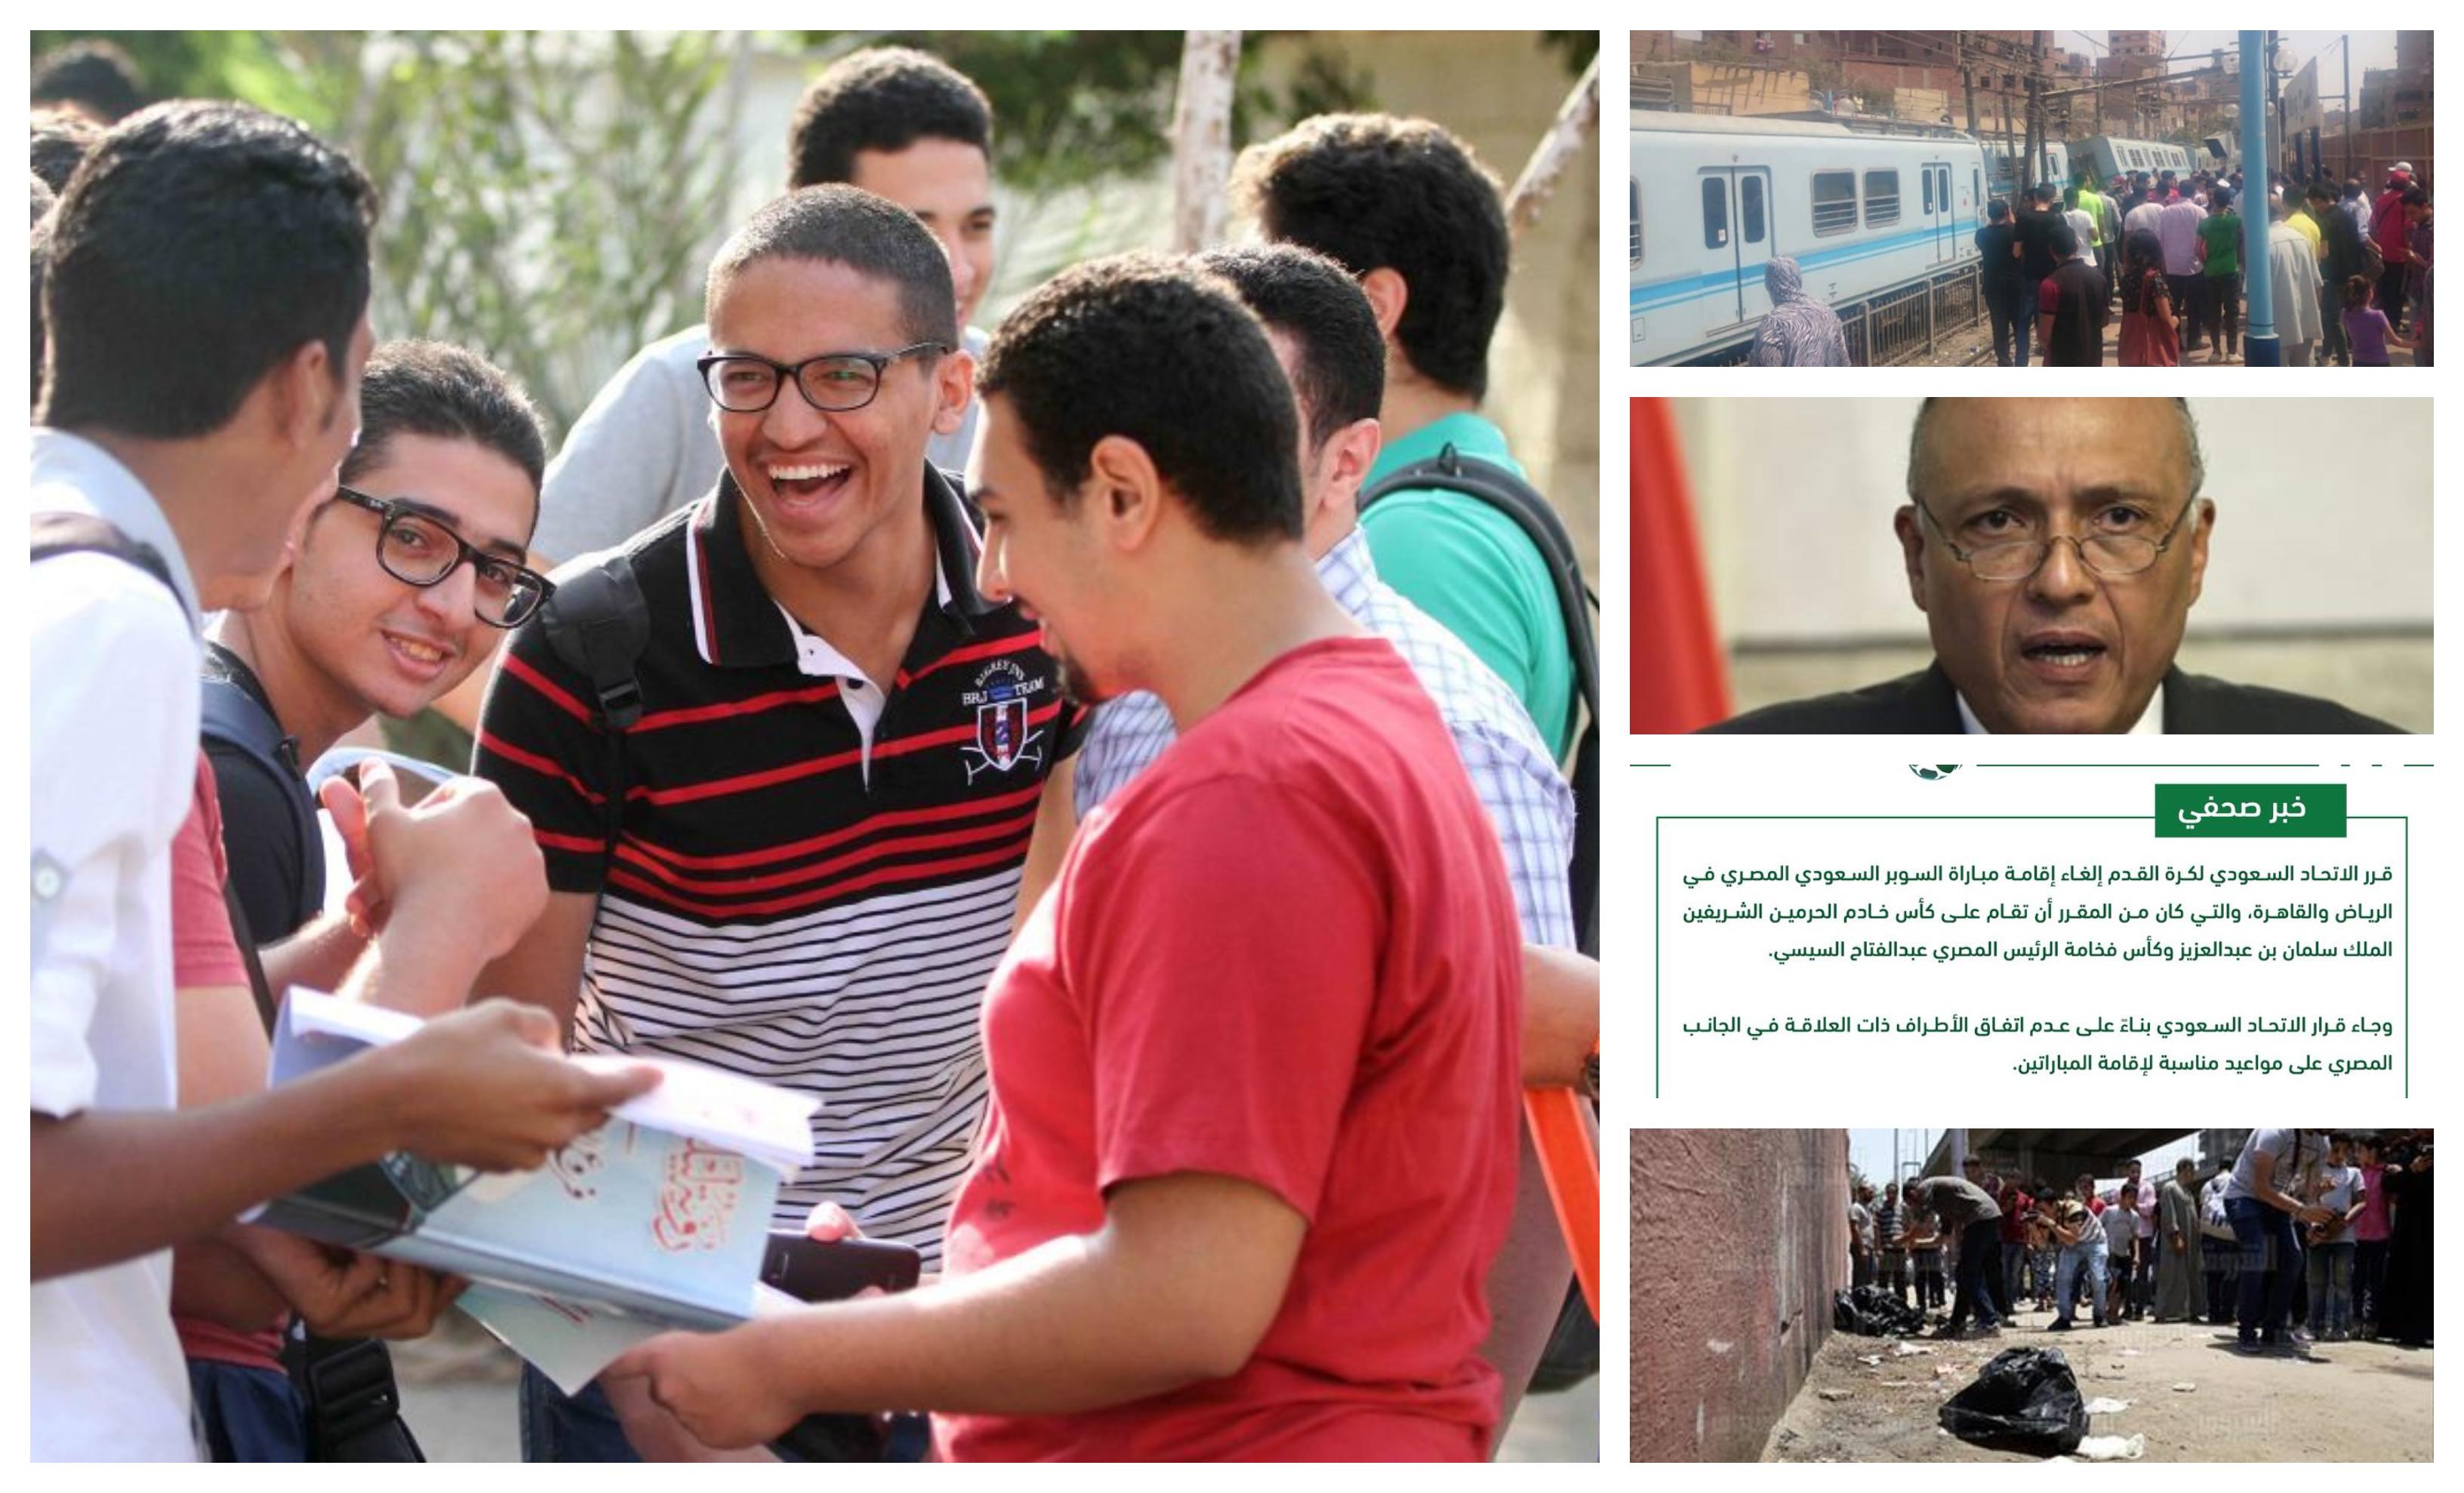 غد ا إعلان أوائل الثانوية العامة مصر في دقيقة زحمة